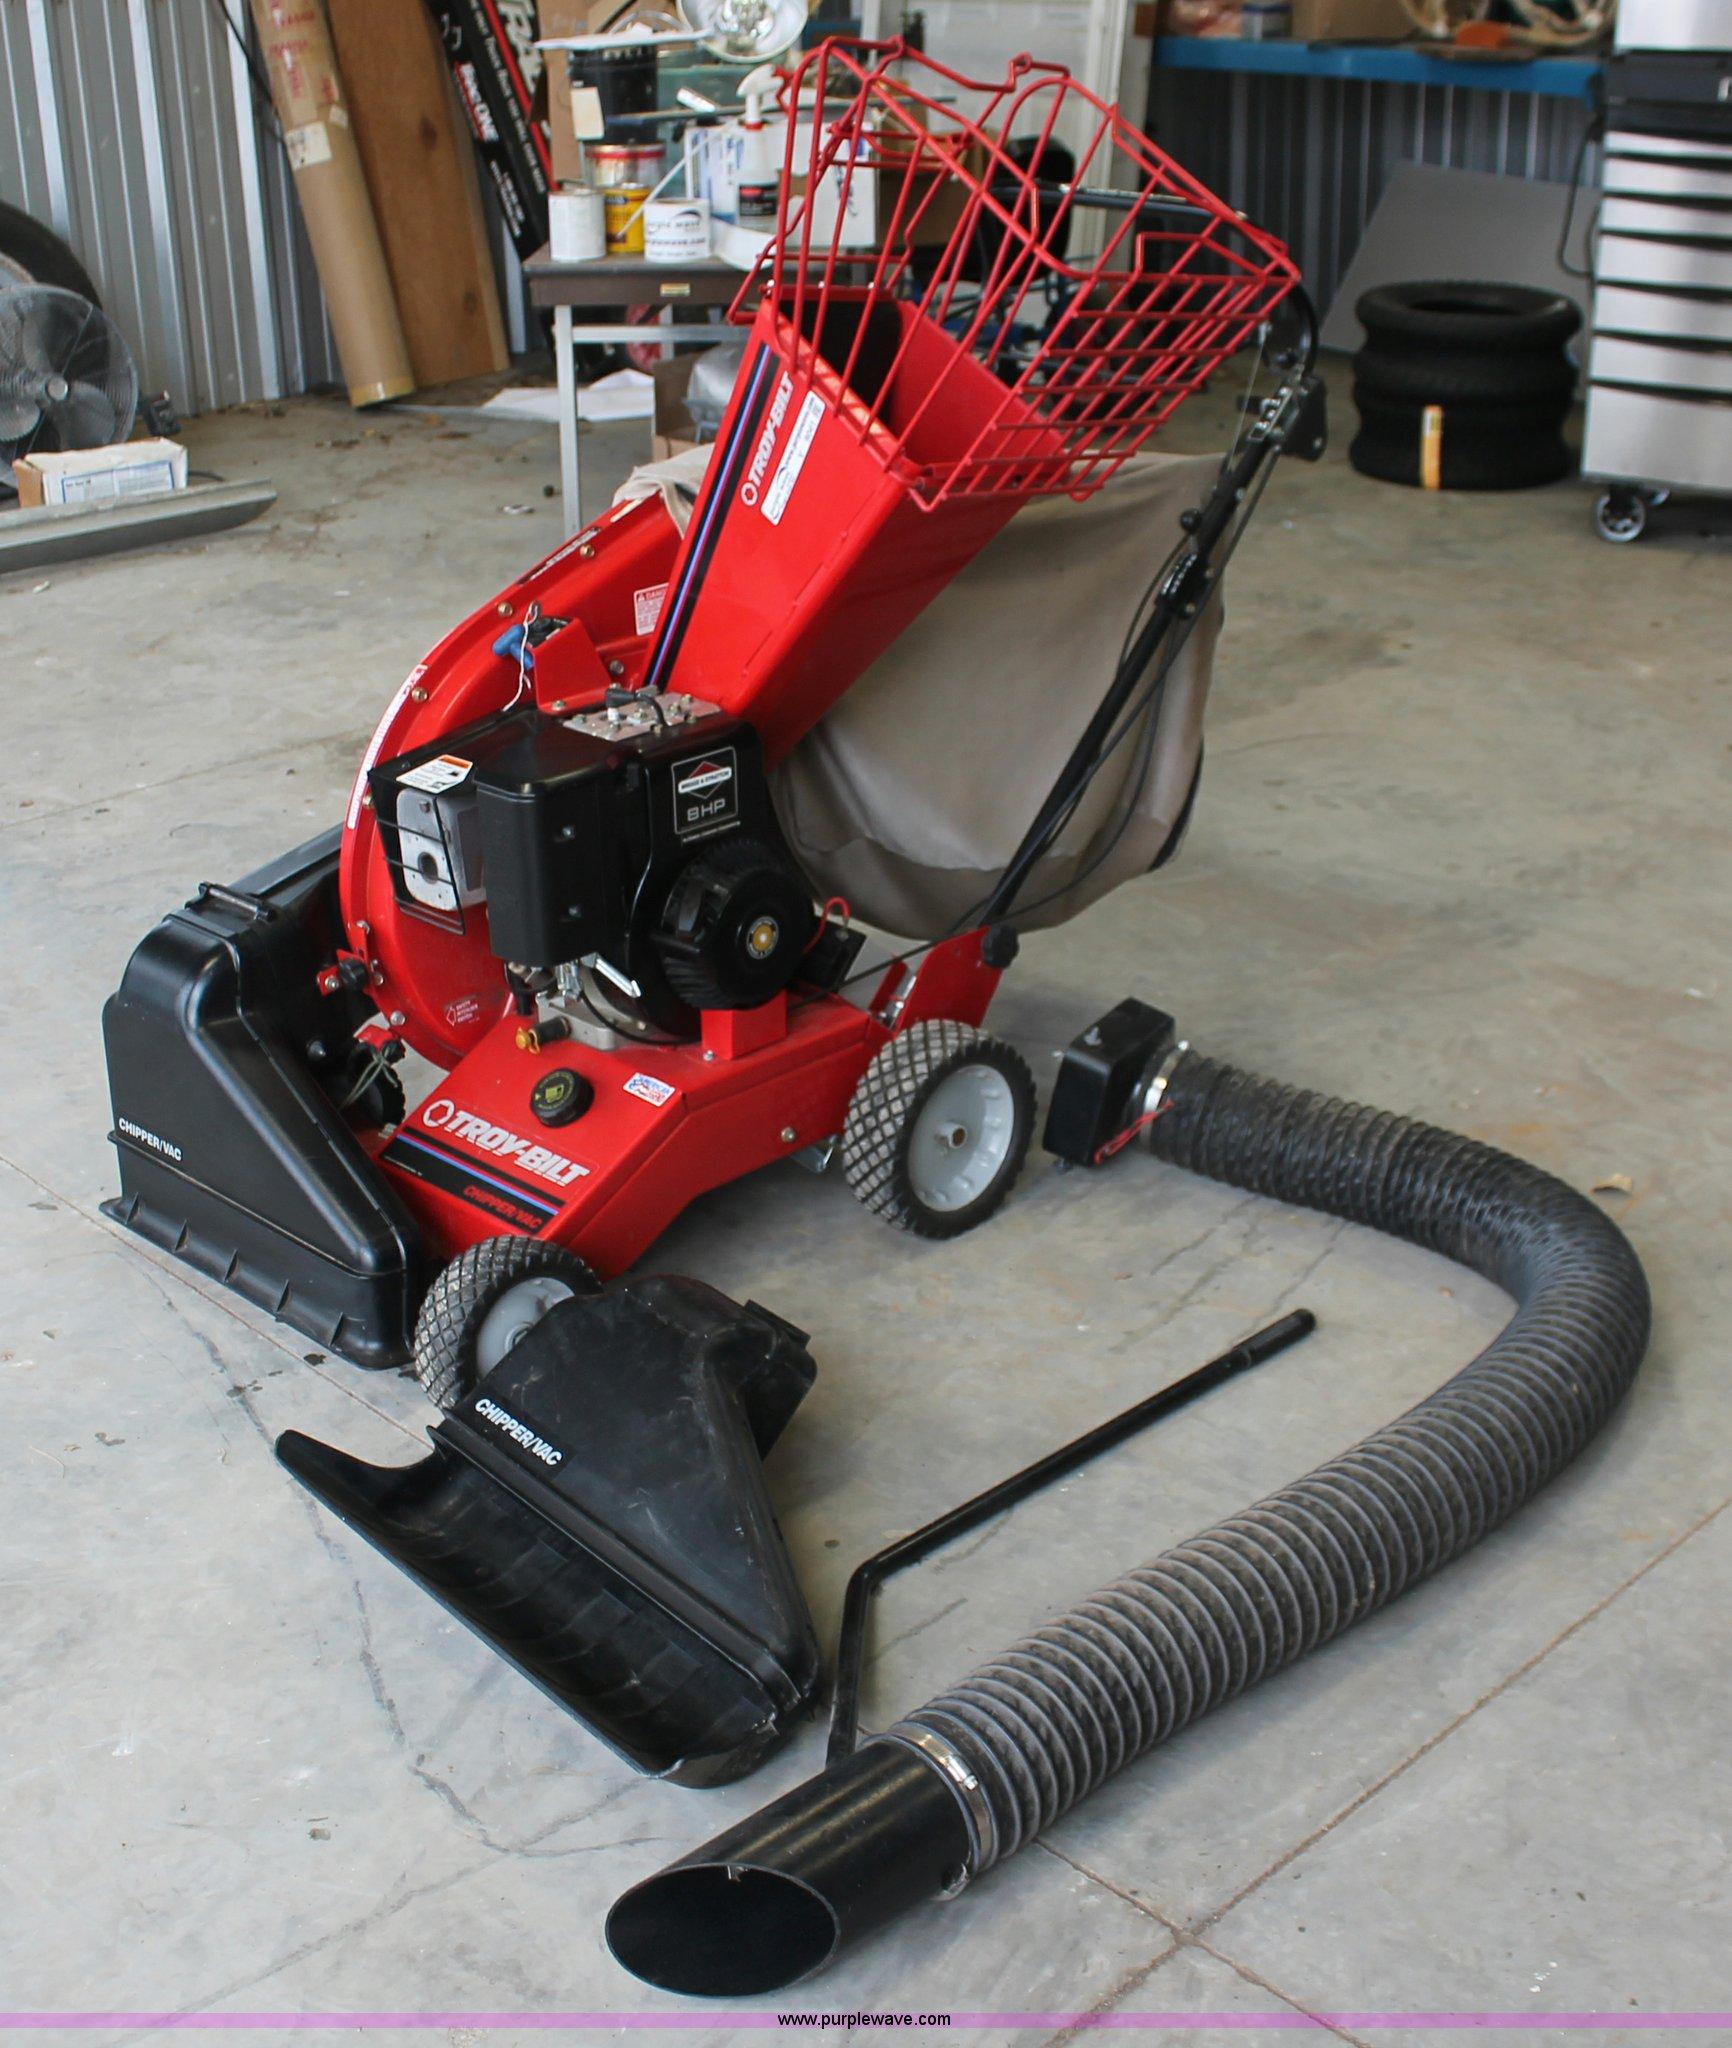 V9041 image for item V9041 Troy-Bilt chipper vacuum